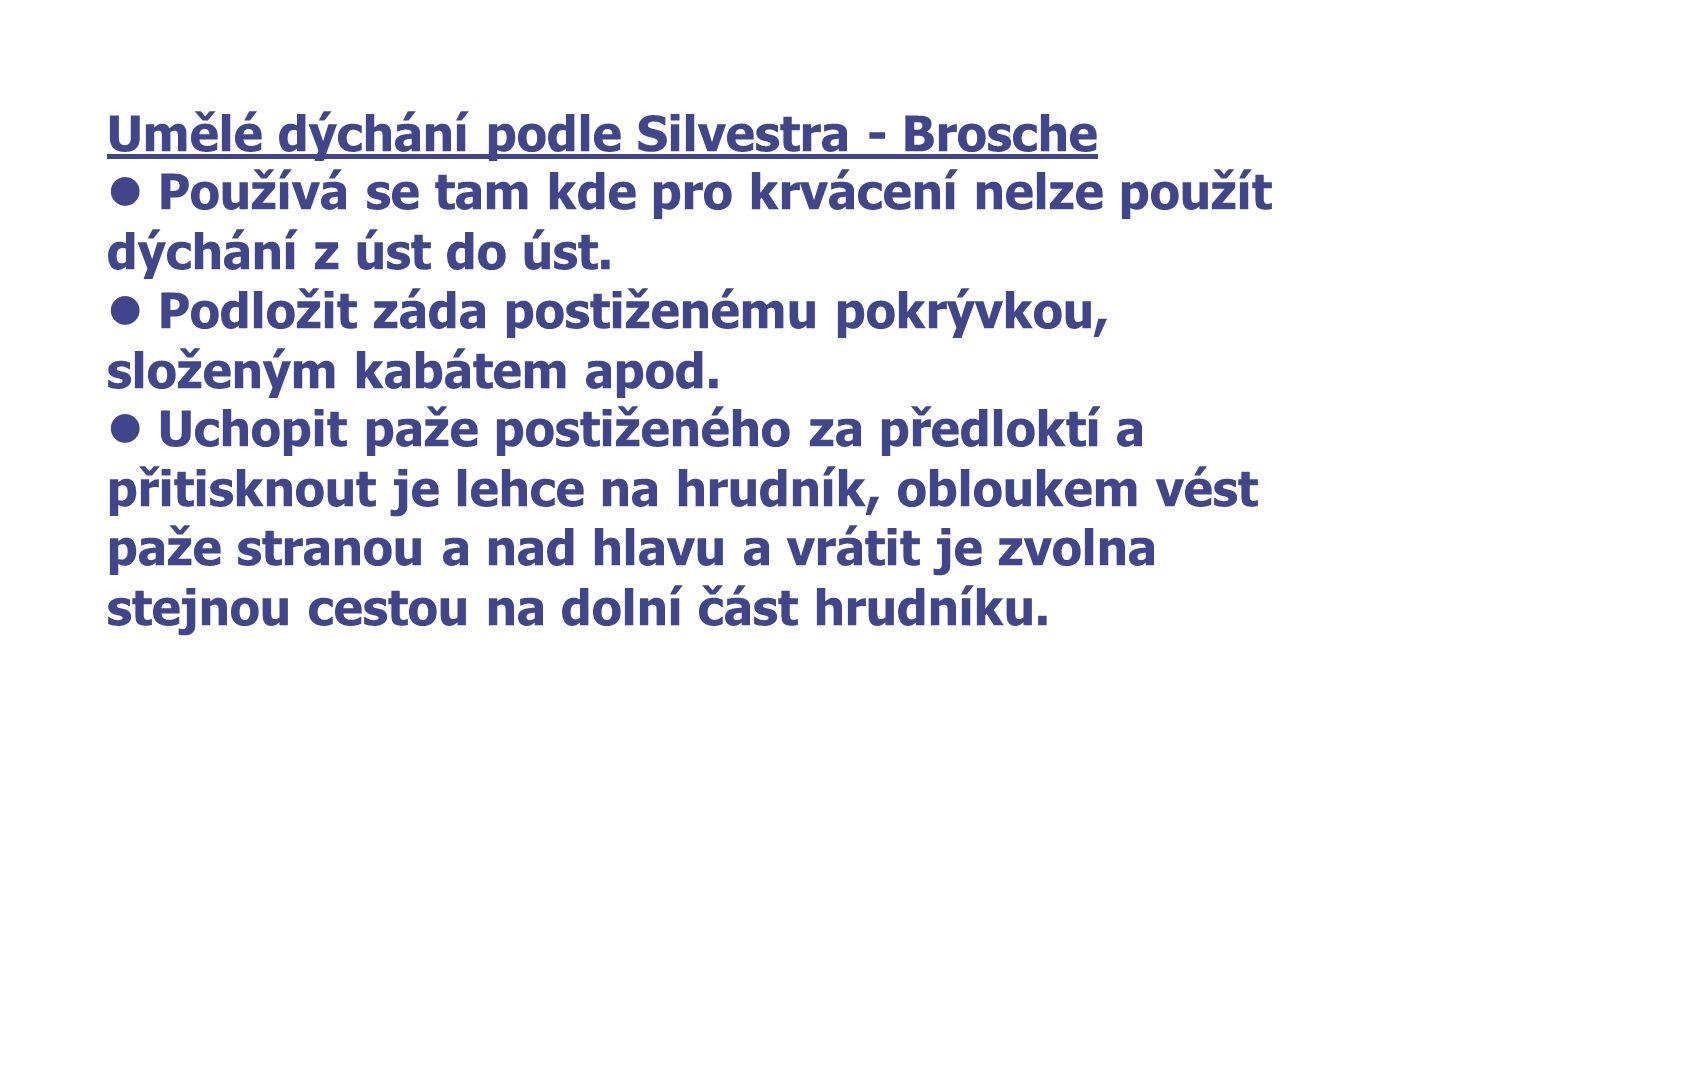 Umělé dýchání podle Silvestra - Brosche